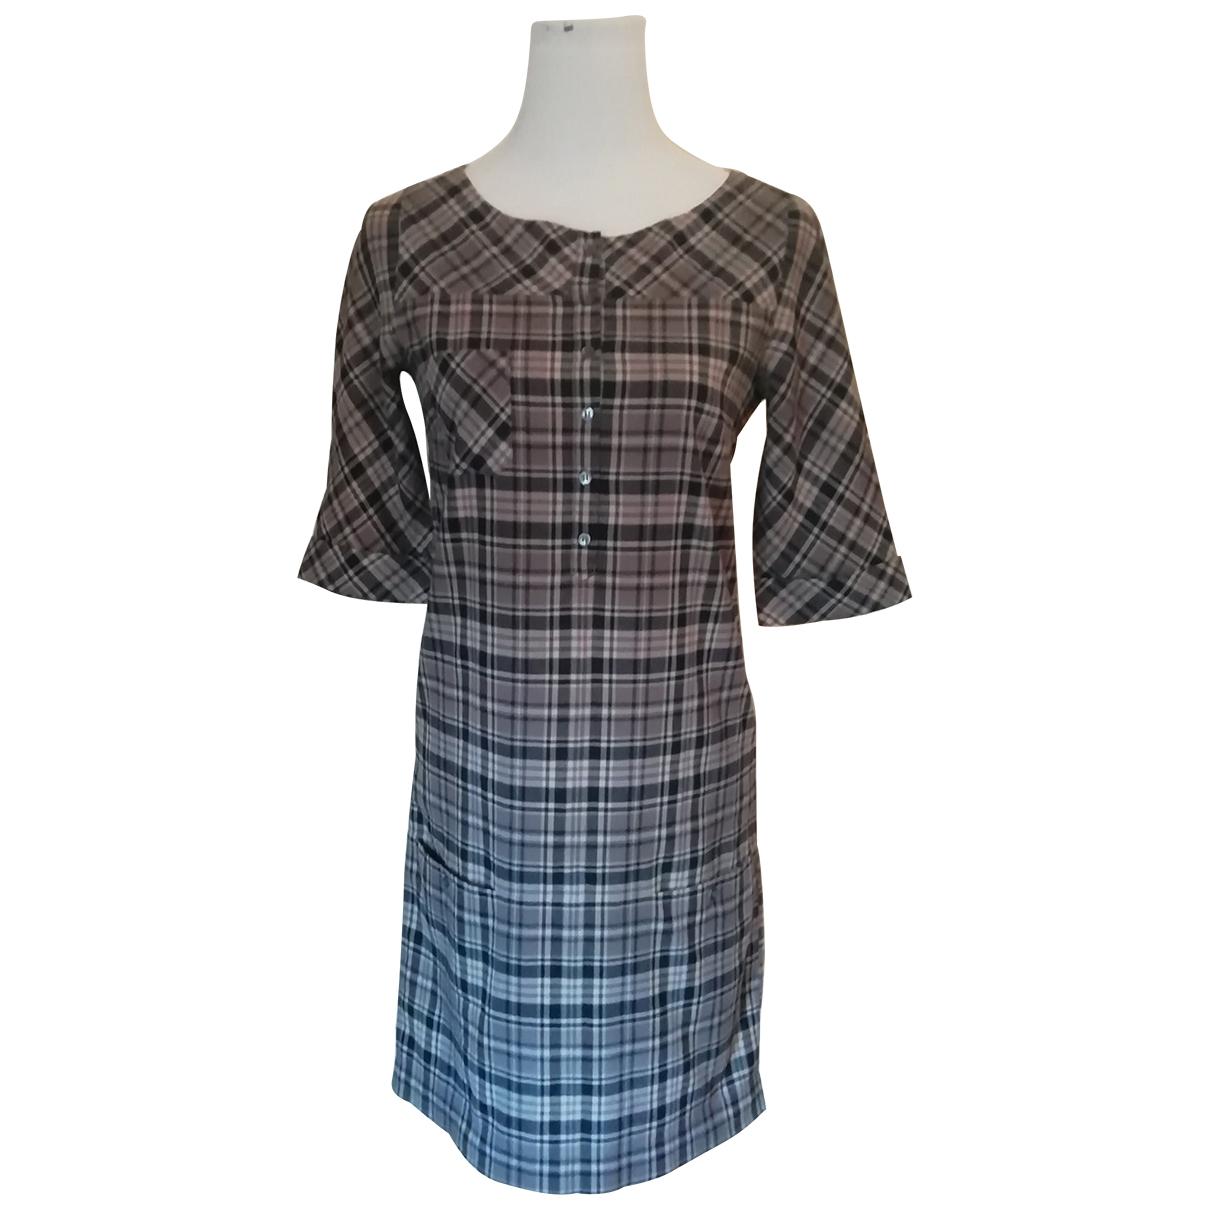 Comptoir Des Cotonniers \N Grey Cotton dress for Women 36 FR